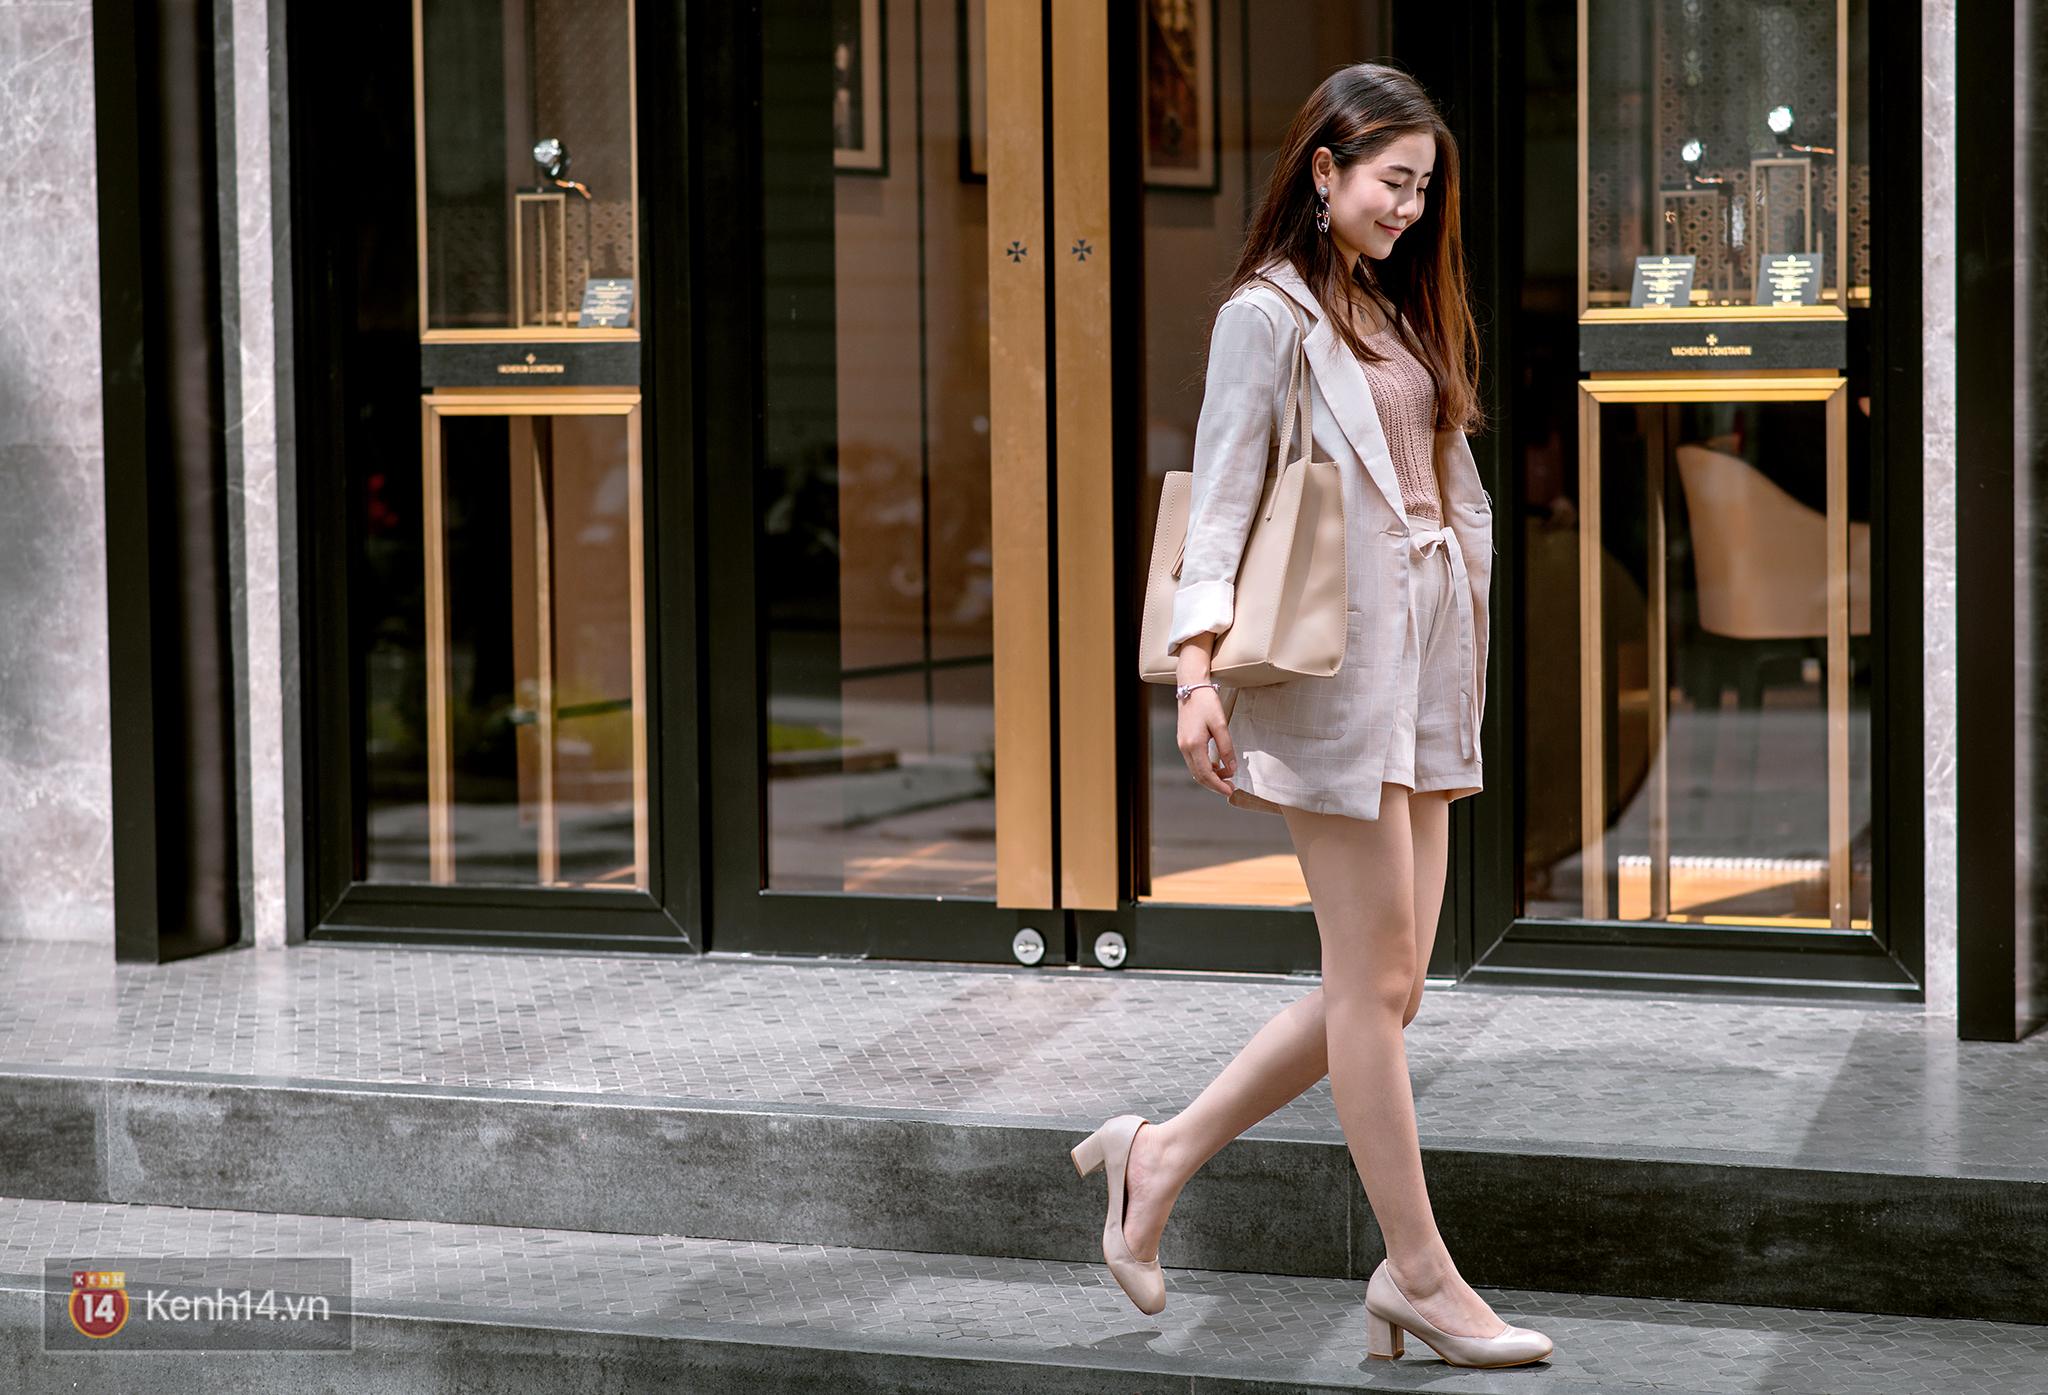 Trời dần vào thu, street style của giới trẻ Việt cũng đa dạng và chất hơn hẳn - Ảnh 3.